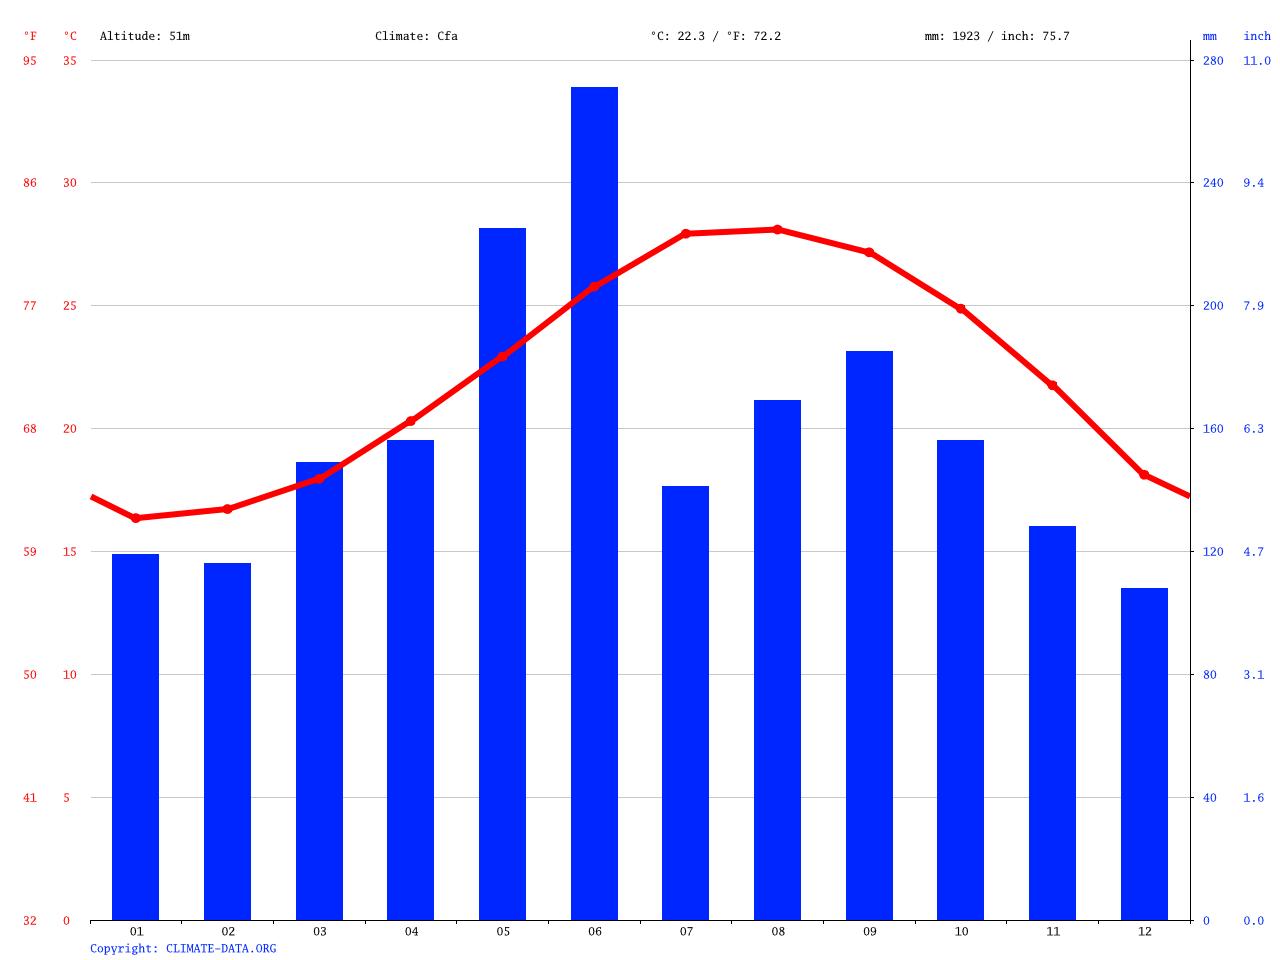 気候:和泊町-気候グラフ、気温グラフ、雨温図 - Climate-Data.org